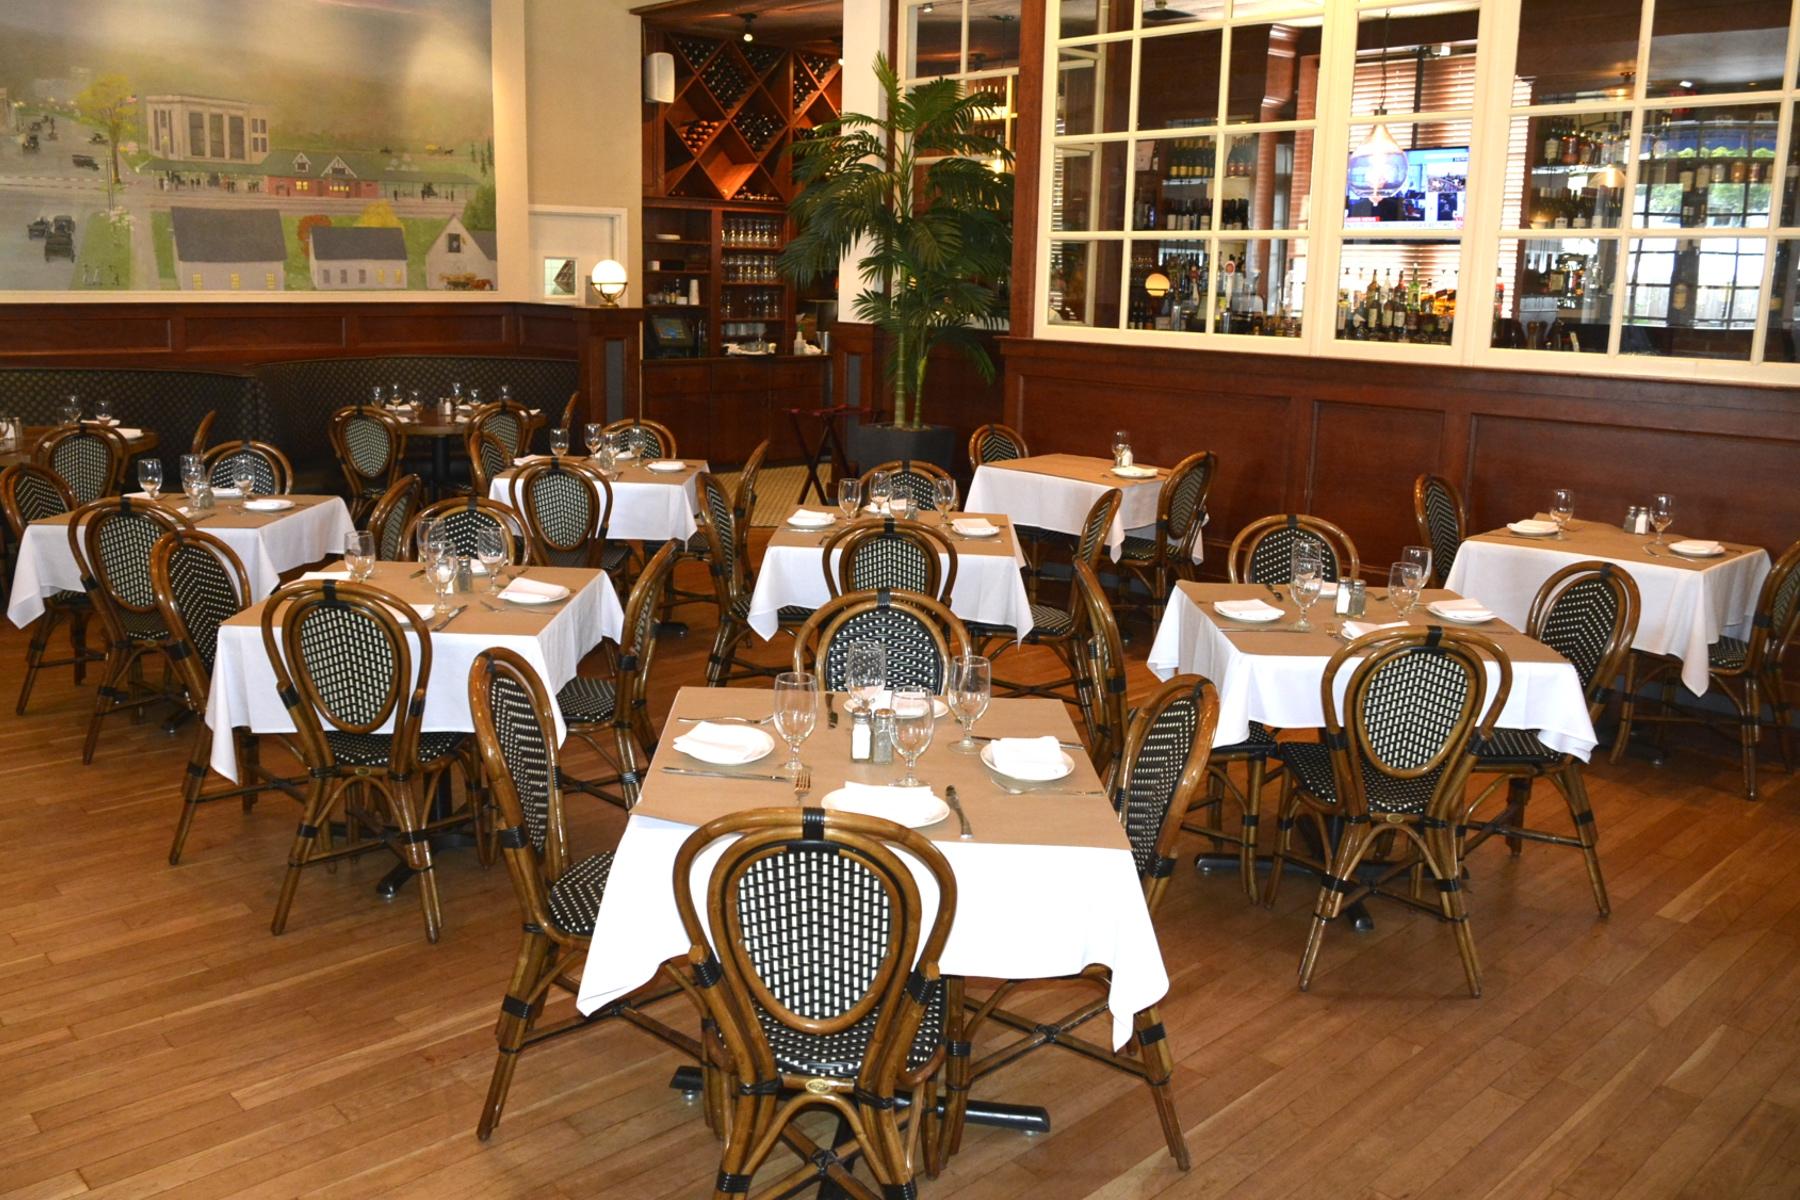 Lex dining room 1.jpg